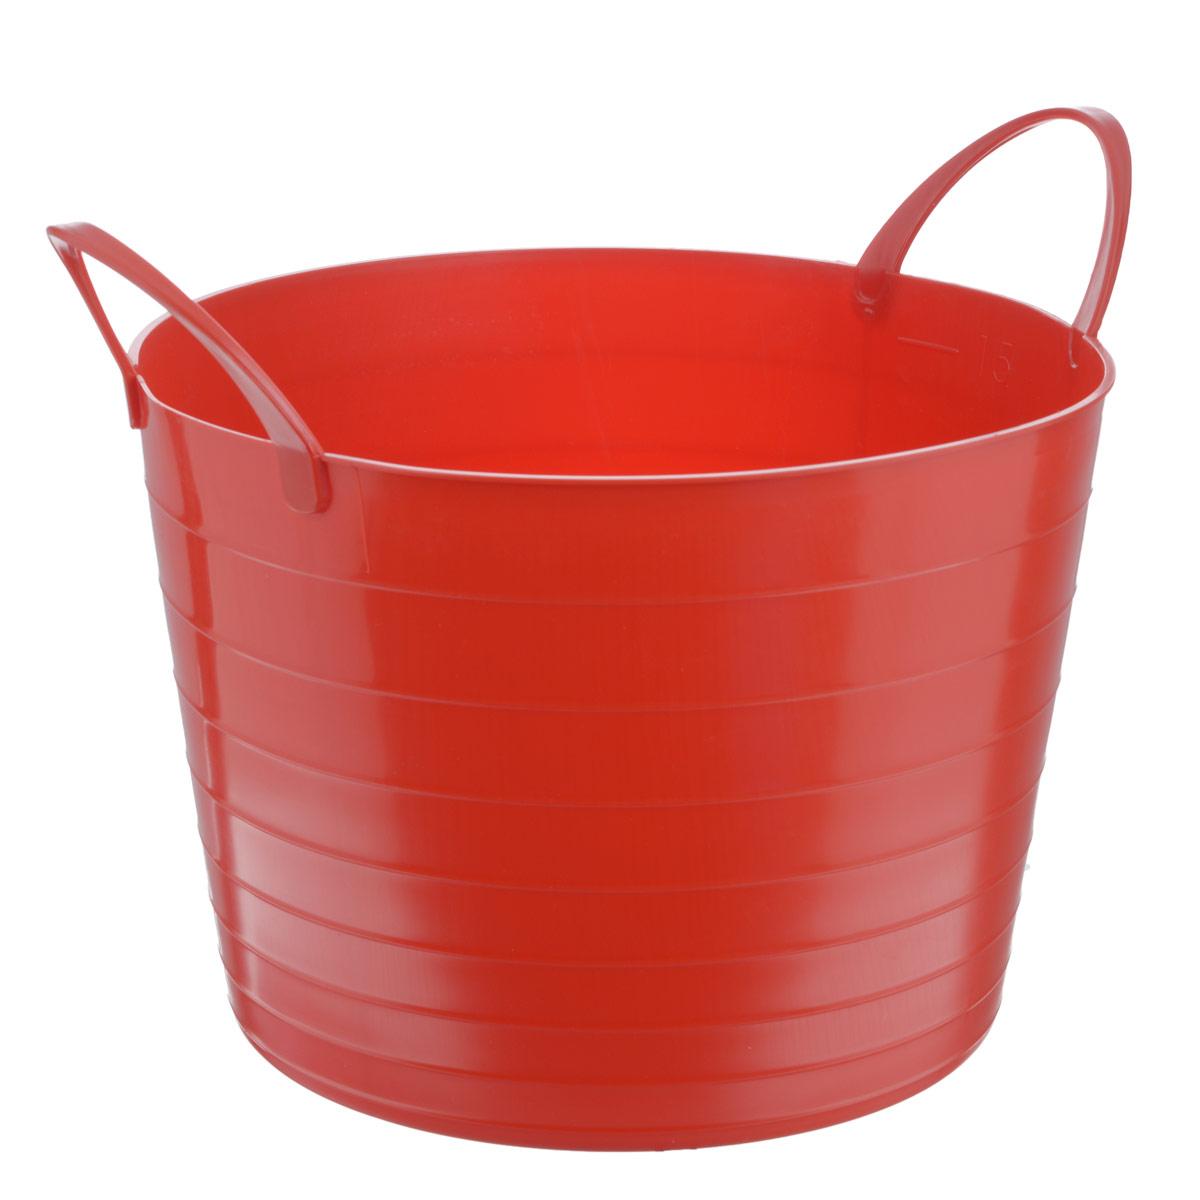 Корзина мягкая Idea, цвет: красный, 17 лБрелок для ключейМягкая корзина Idea изготовлена из гибкого полиэтилена и оснащена двумя удобными ручками. Внутренняя поверхность имеет отметки литража. Такой корзинке можно найти множество применений в быту: для строительства, для сбора фруктов, овощей и грибов, для хранения бытовых предметов и многого другого. Такая корзина пригодится в любом хозяйстве.Размер (без учета ручек): 33,5 х 33,5 х 24 см.